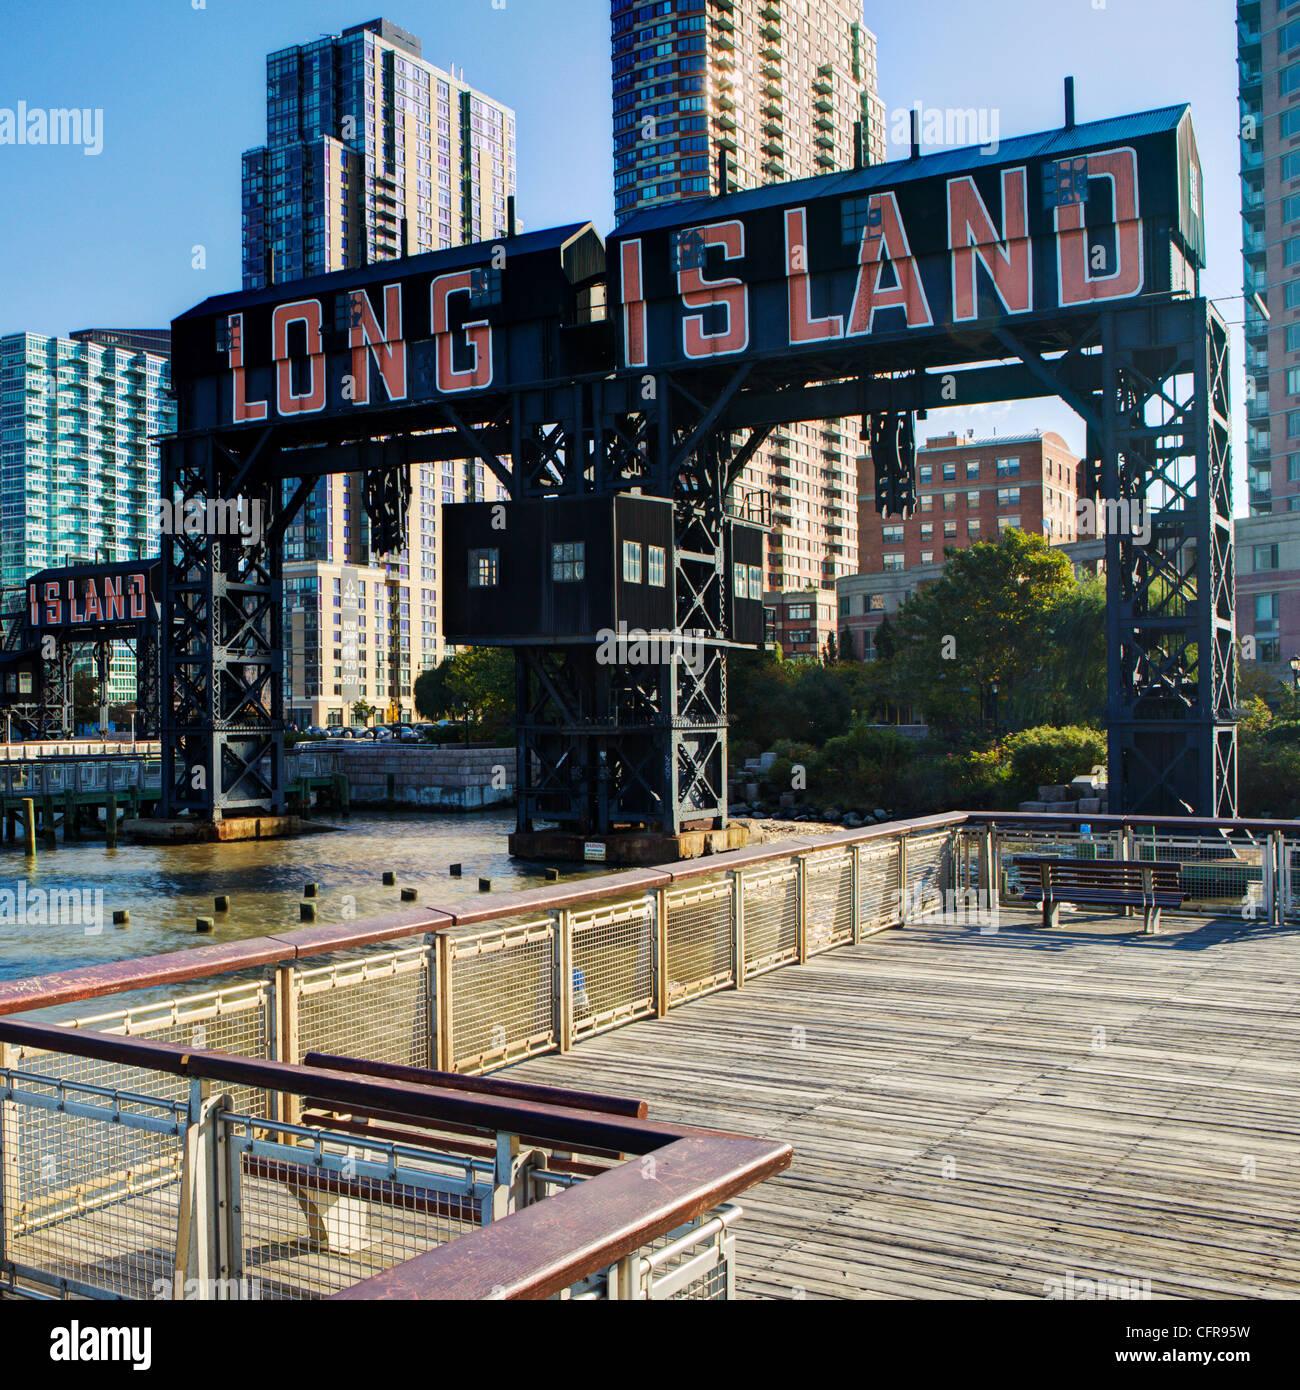 Long Island, Queens, New York City, New York, Vereinigte Staaten von Amerika, Nordamerika Stockfoto